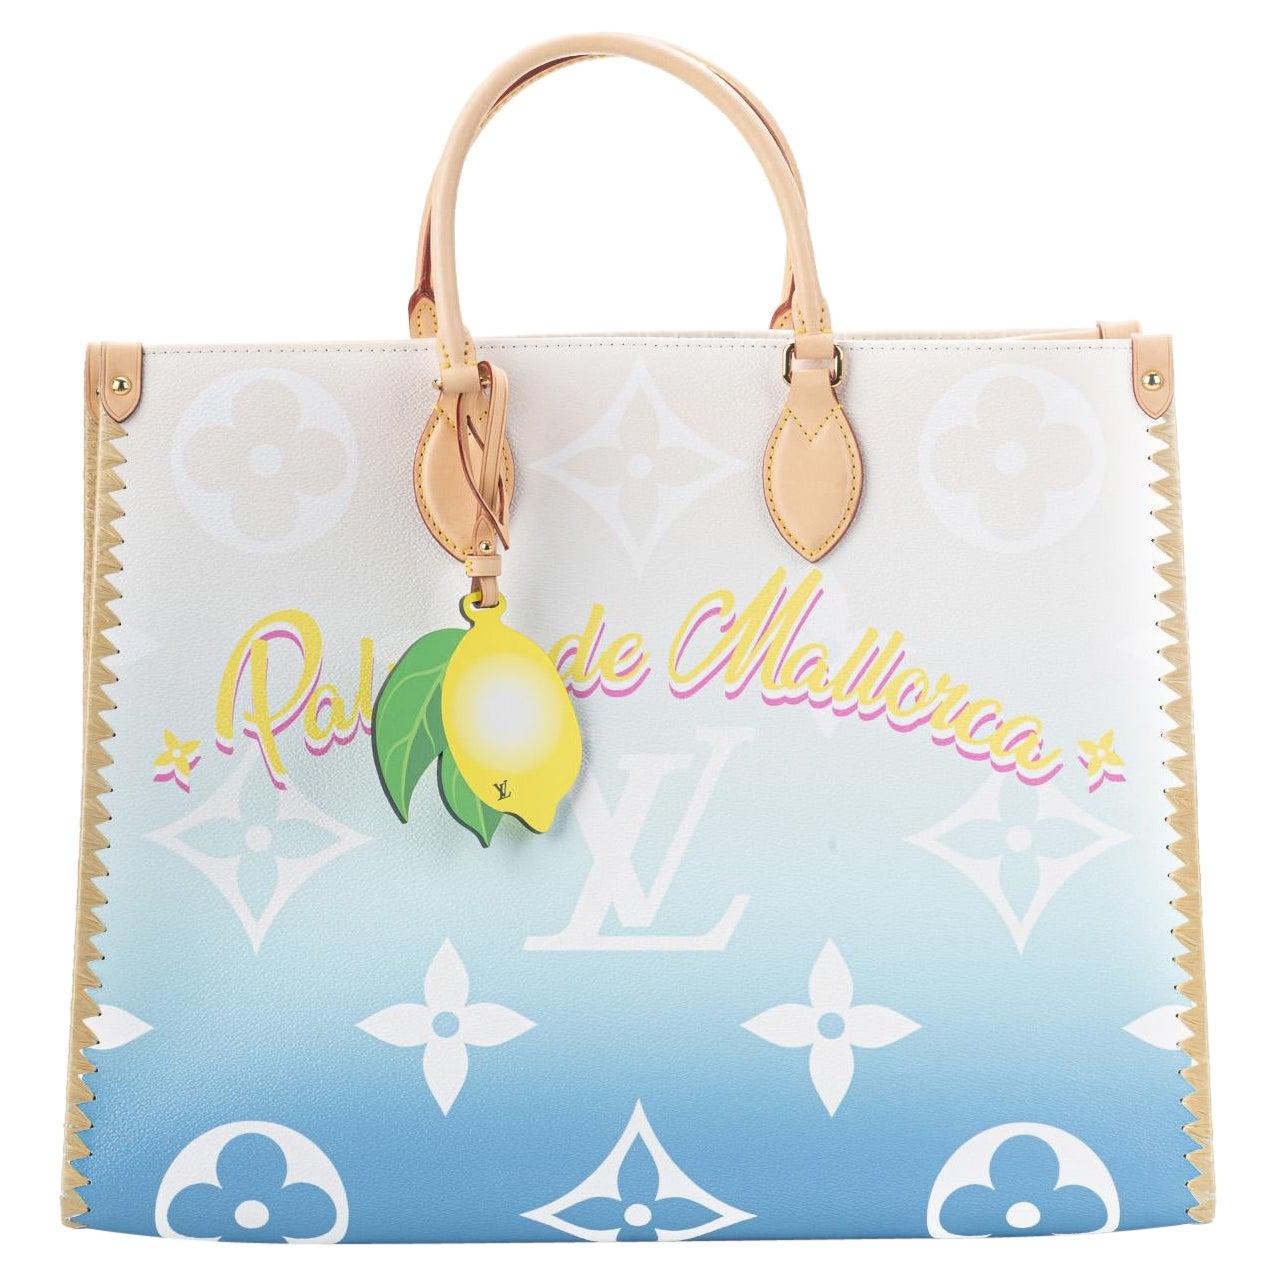 Louis Vuitton 2021 On The Go Palma de Mallorca Bag